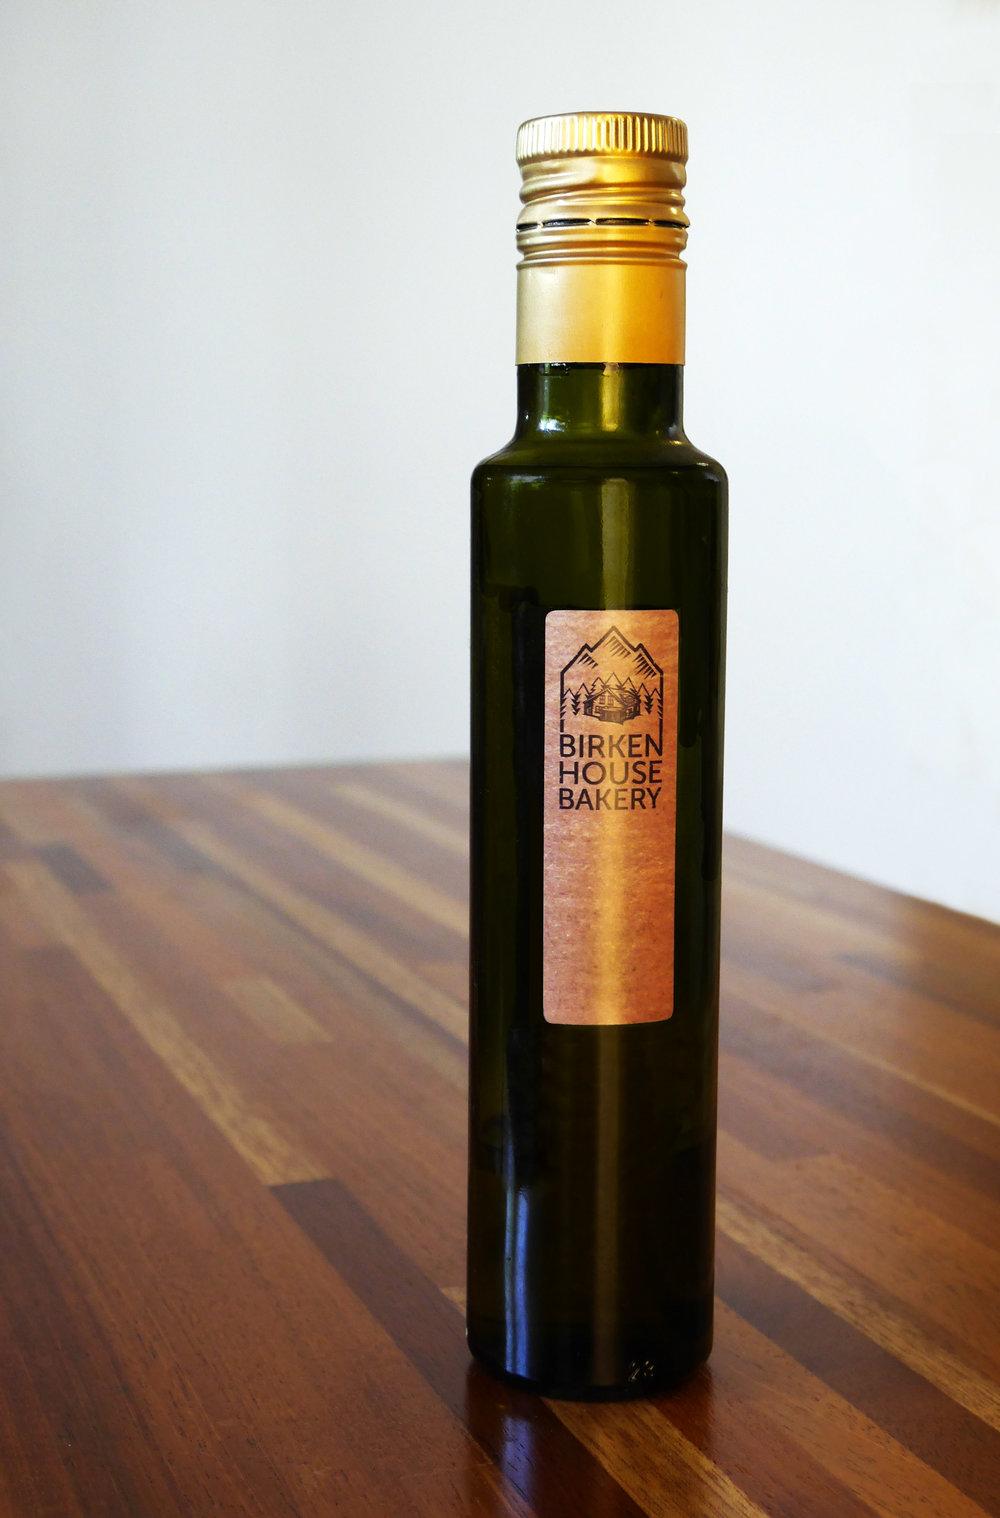 BirkenHouseBakery_Brand-Identity-Design_Pacakaging-Design_BottleLabels.jpg